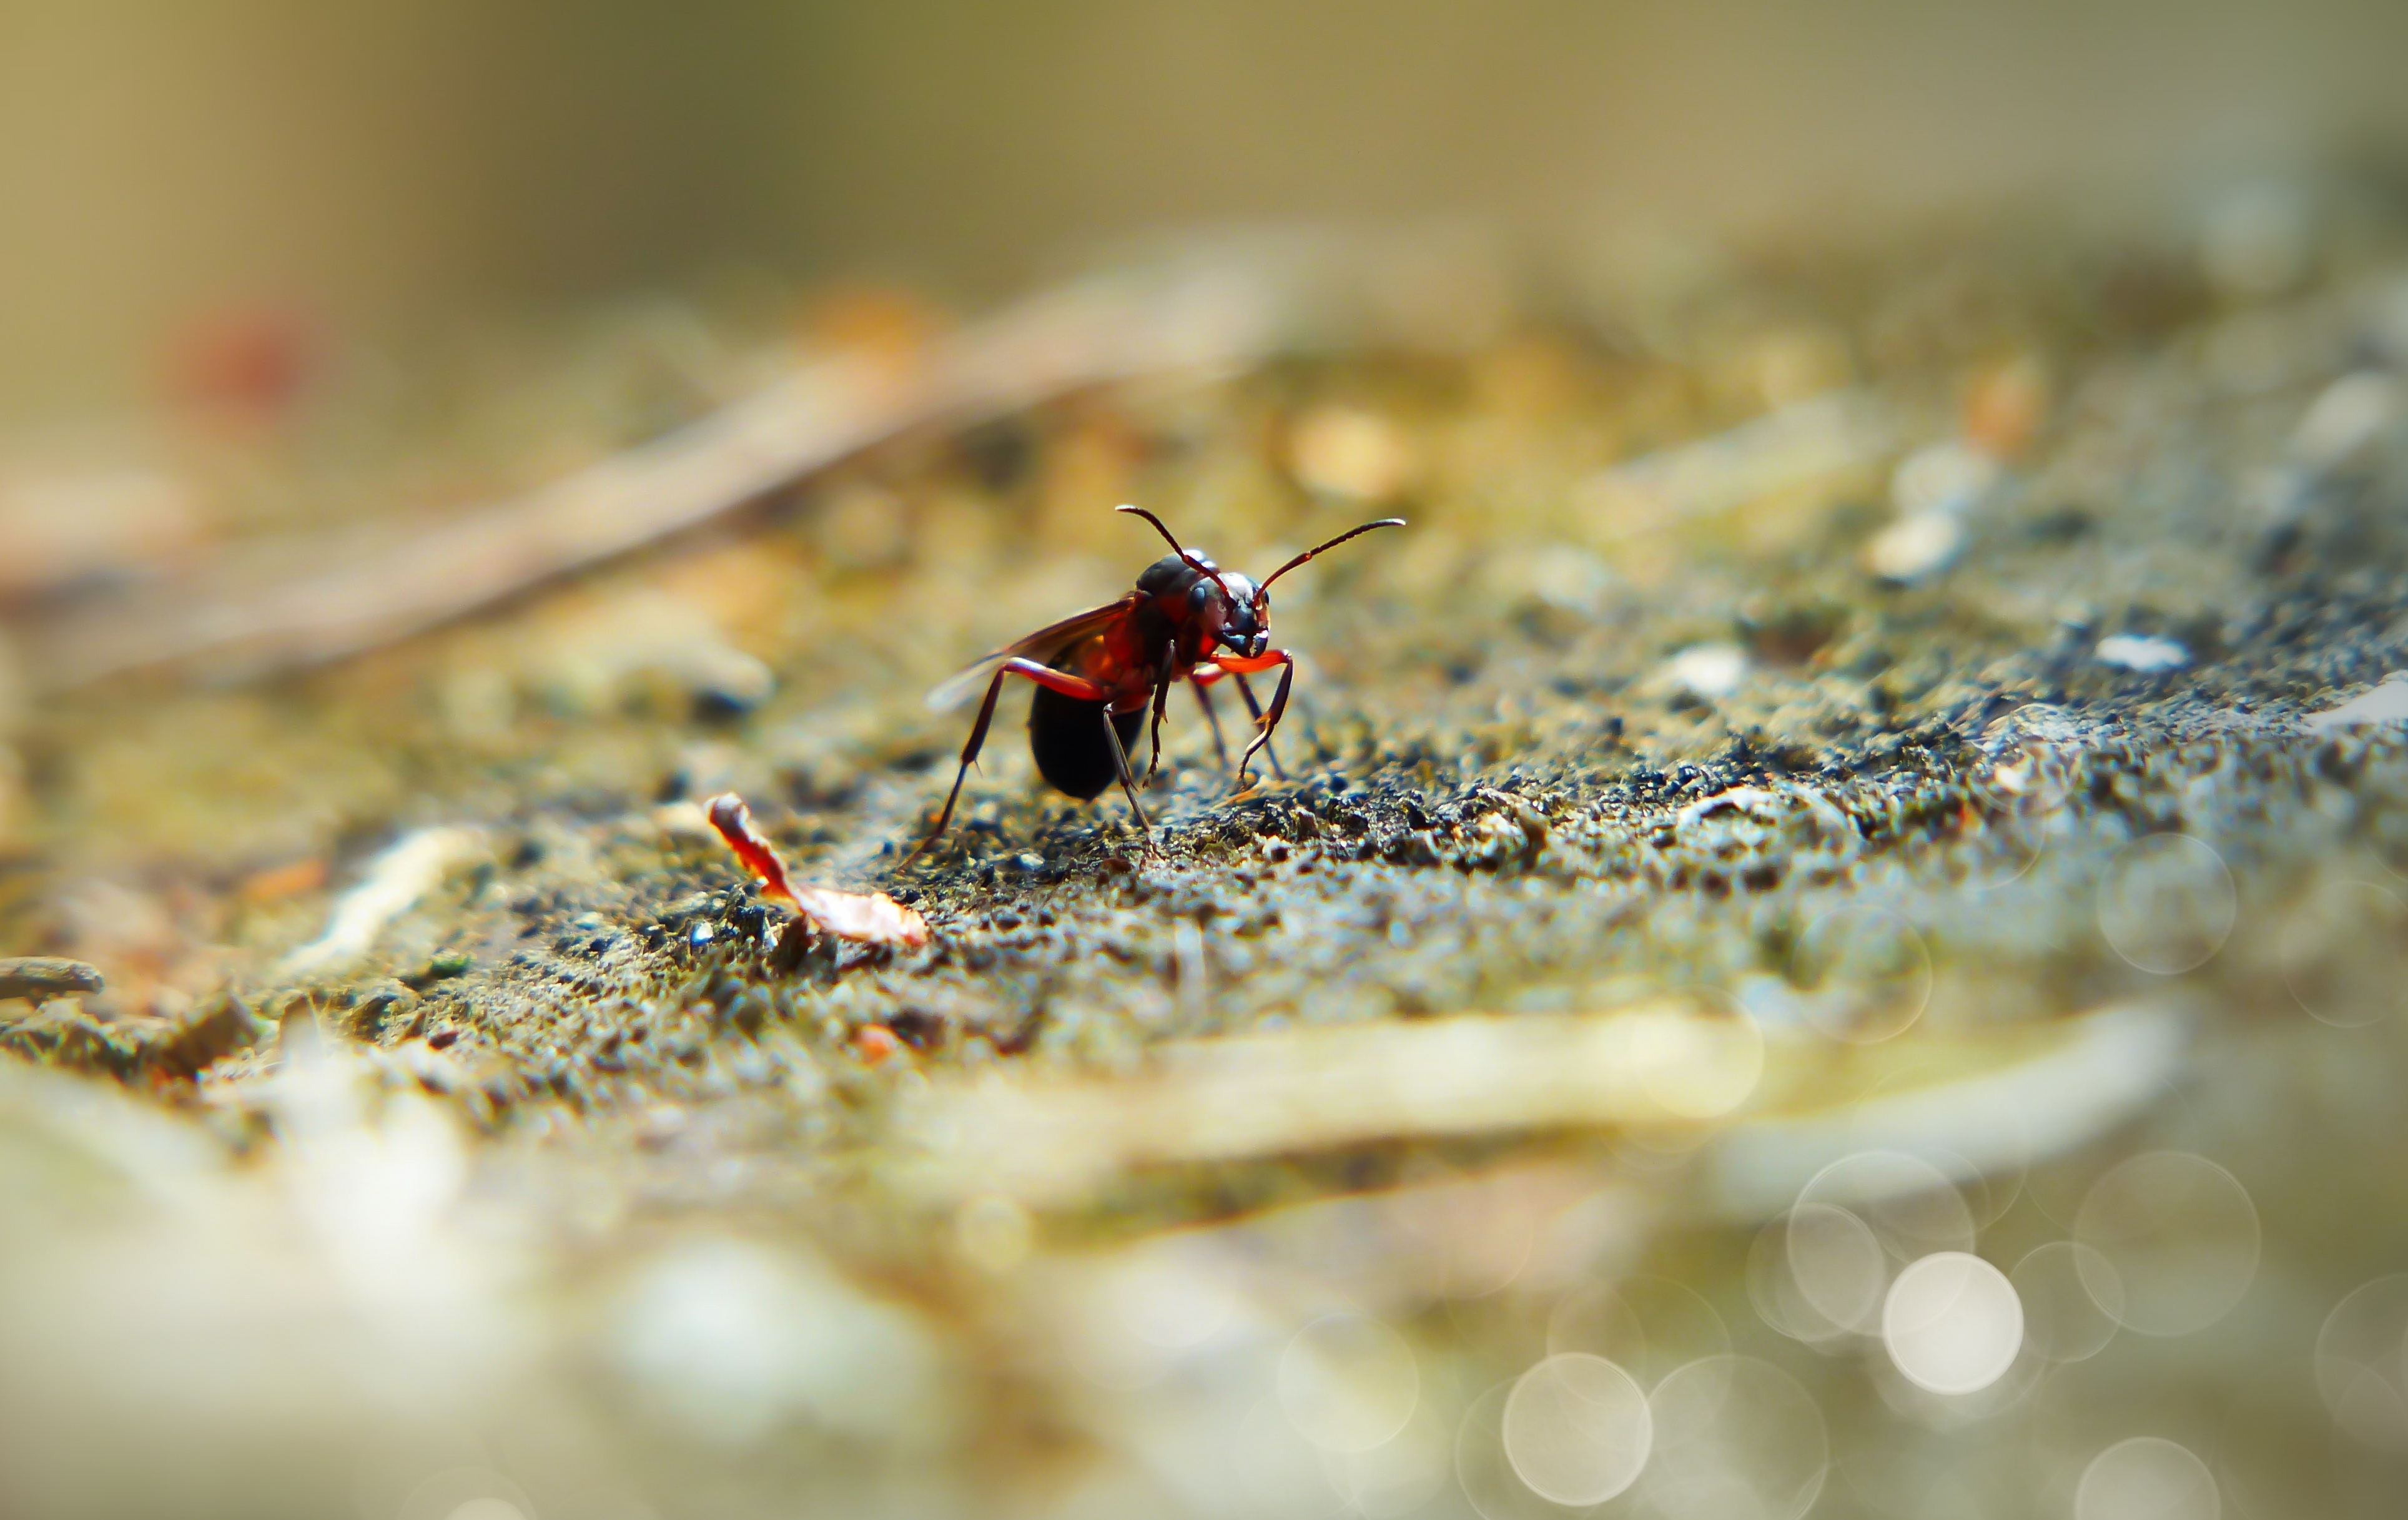 Une fourmi rouge. Par Krzysztof Niewolny, https://pixabay.com/fr/photos/fourmi-rouge-reine-femelle-insecte-4184750/